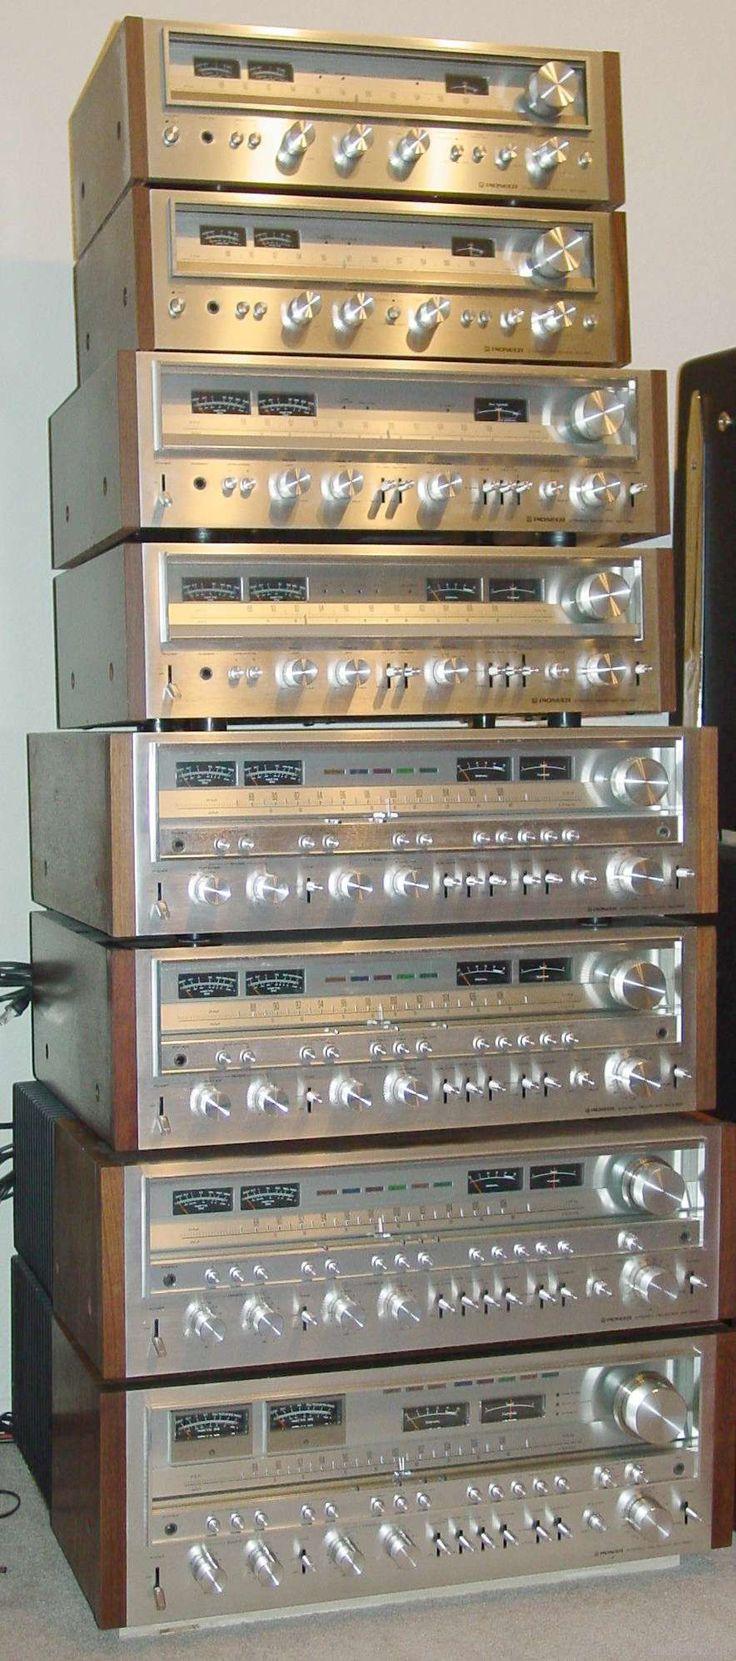 Pioneer SX ресиверы